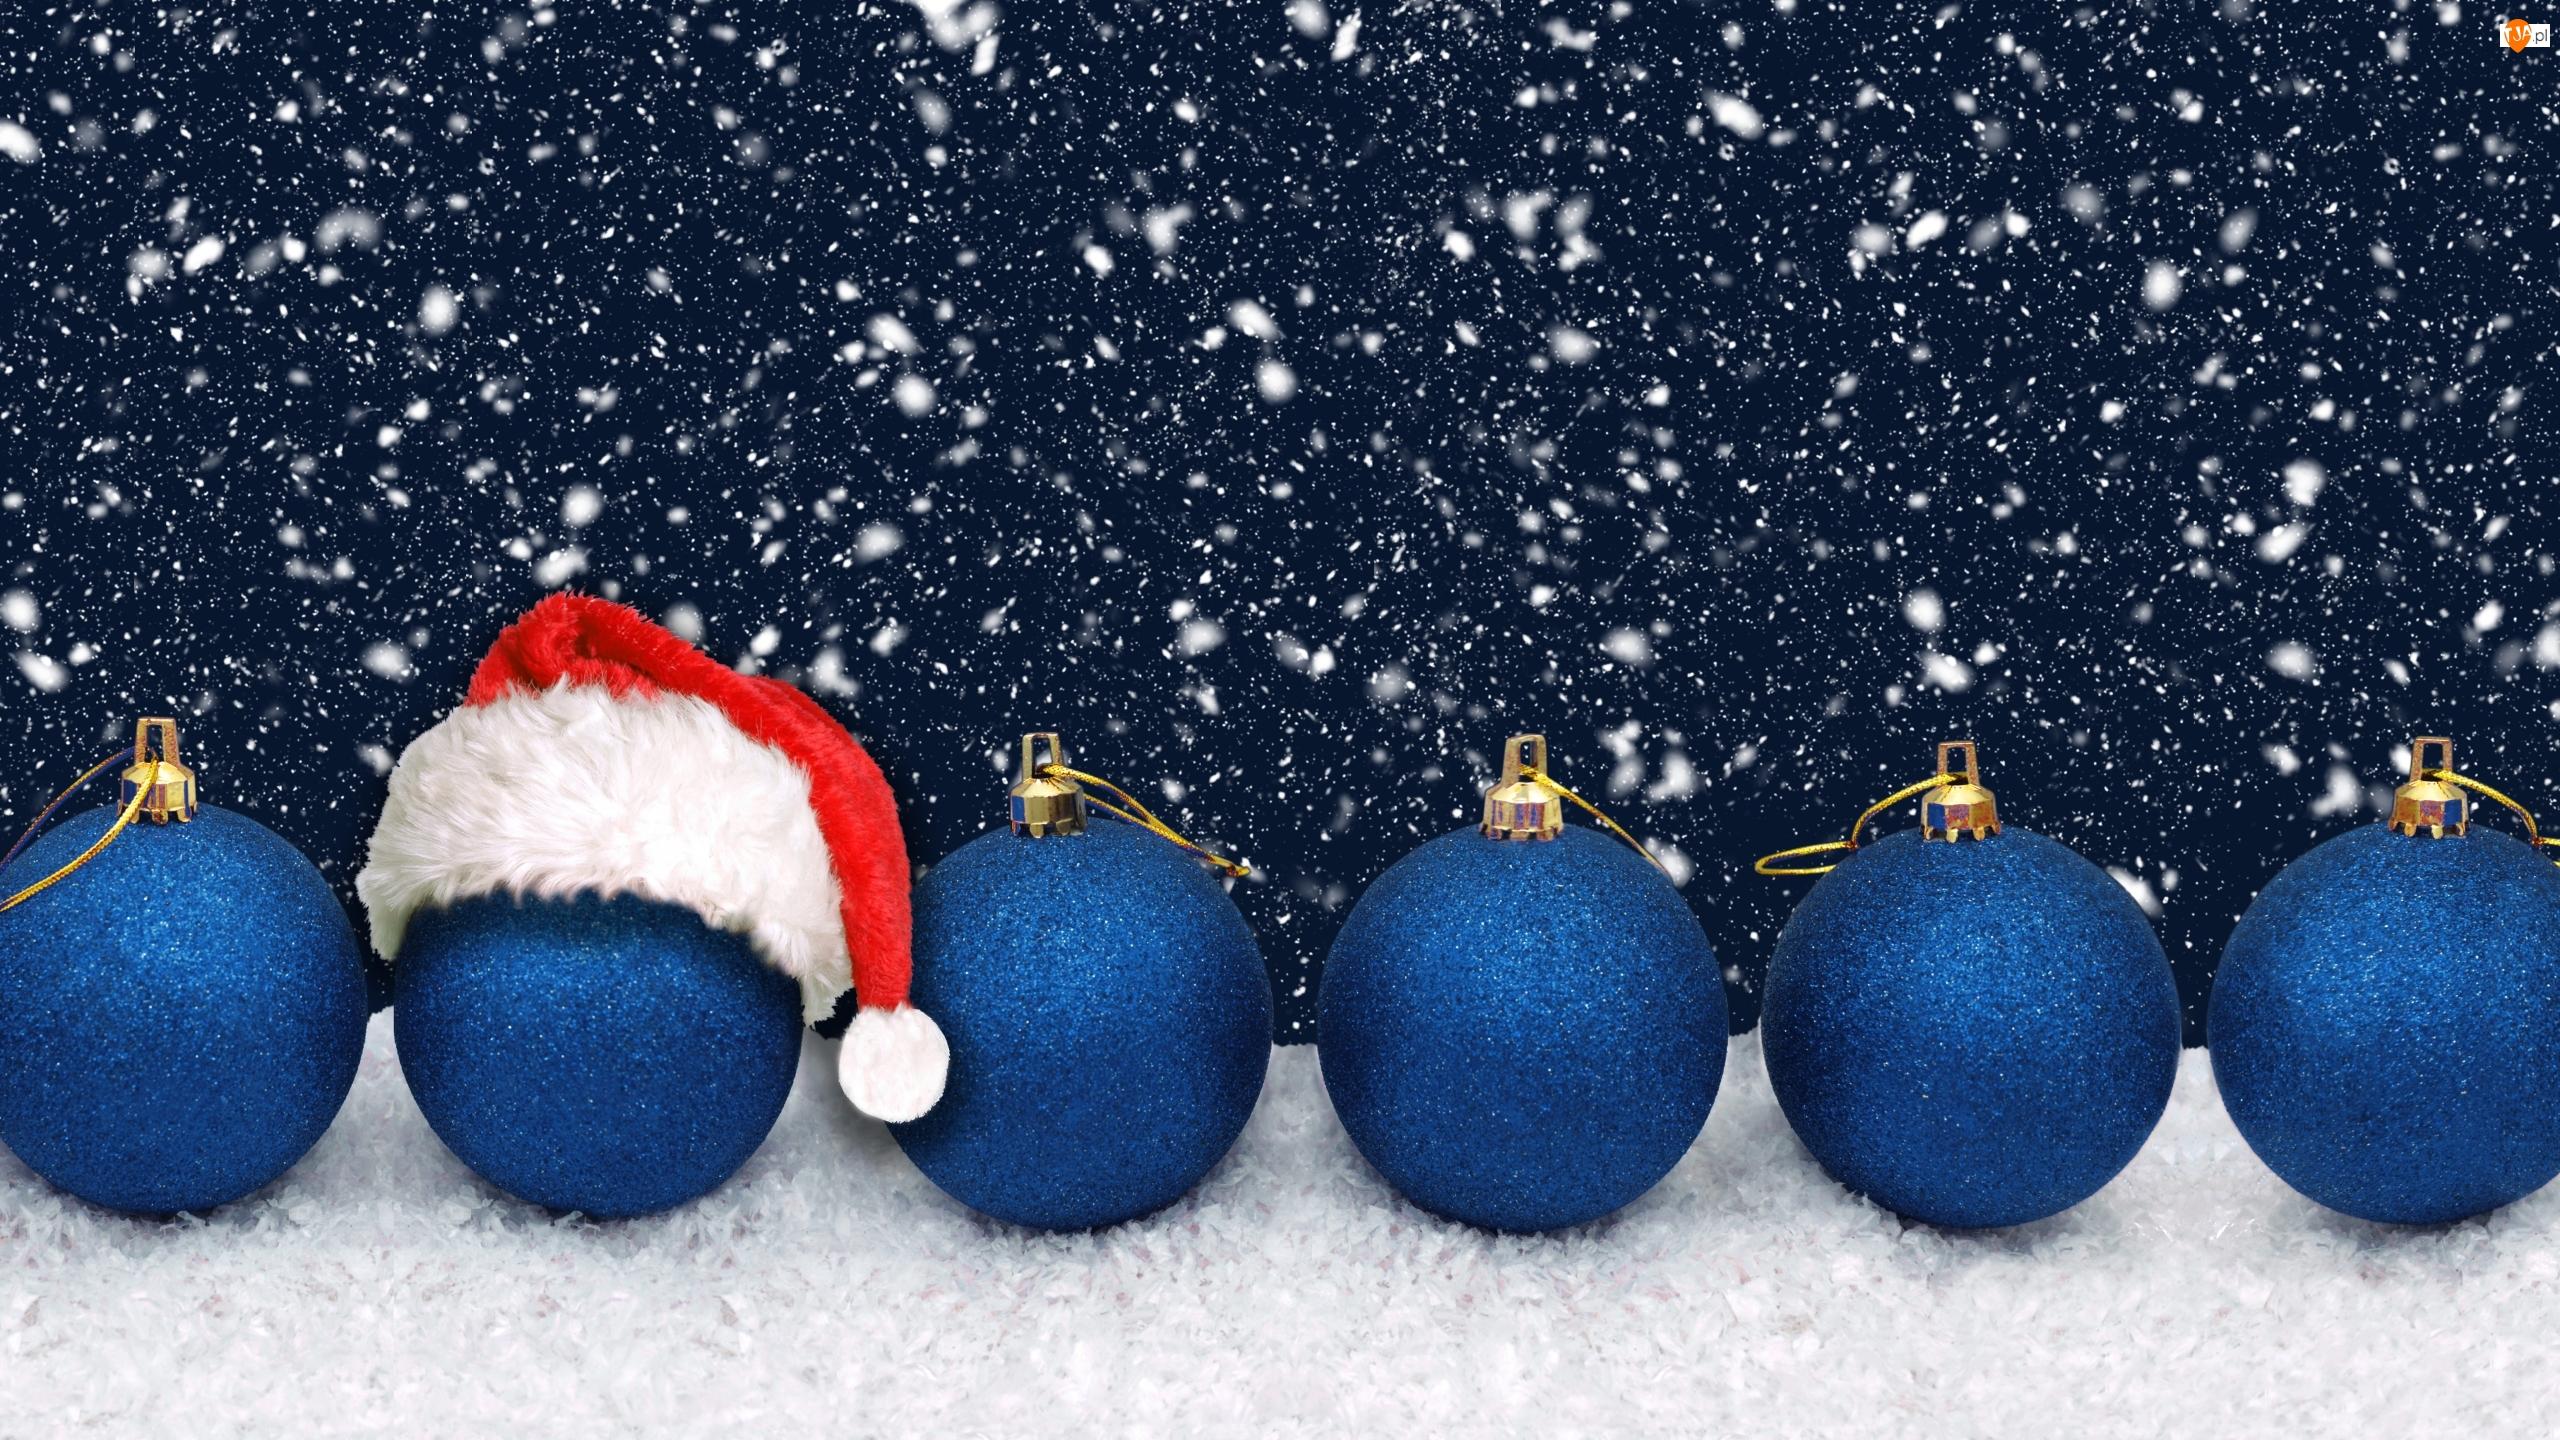 Czapka, Śnieg, Bombki, Niebieskie, Mikołaja